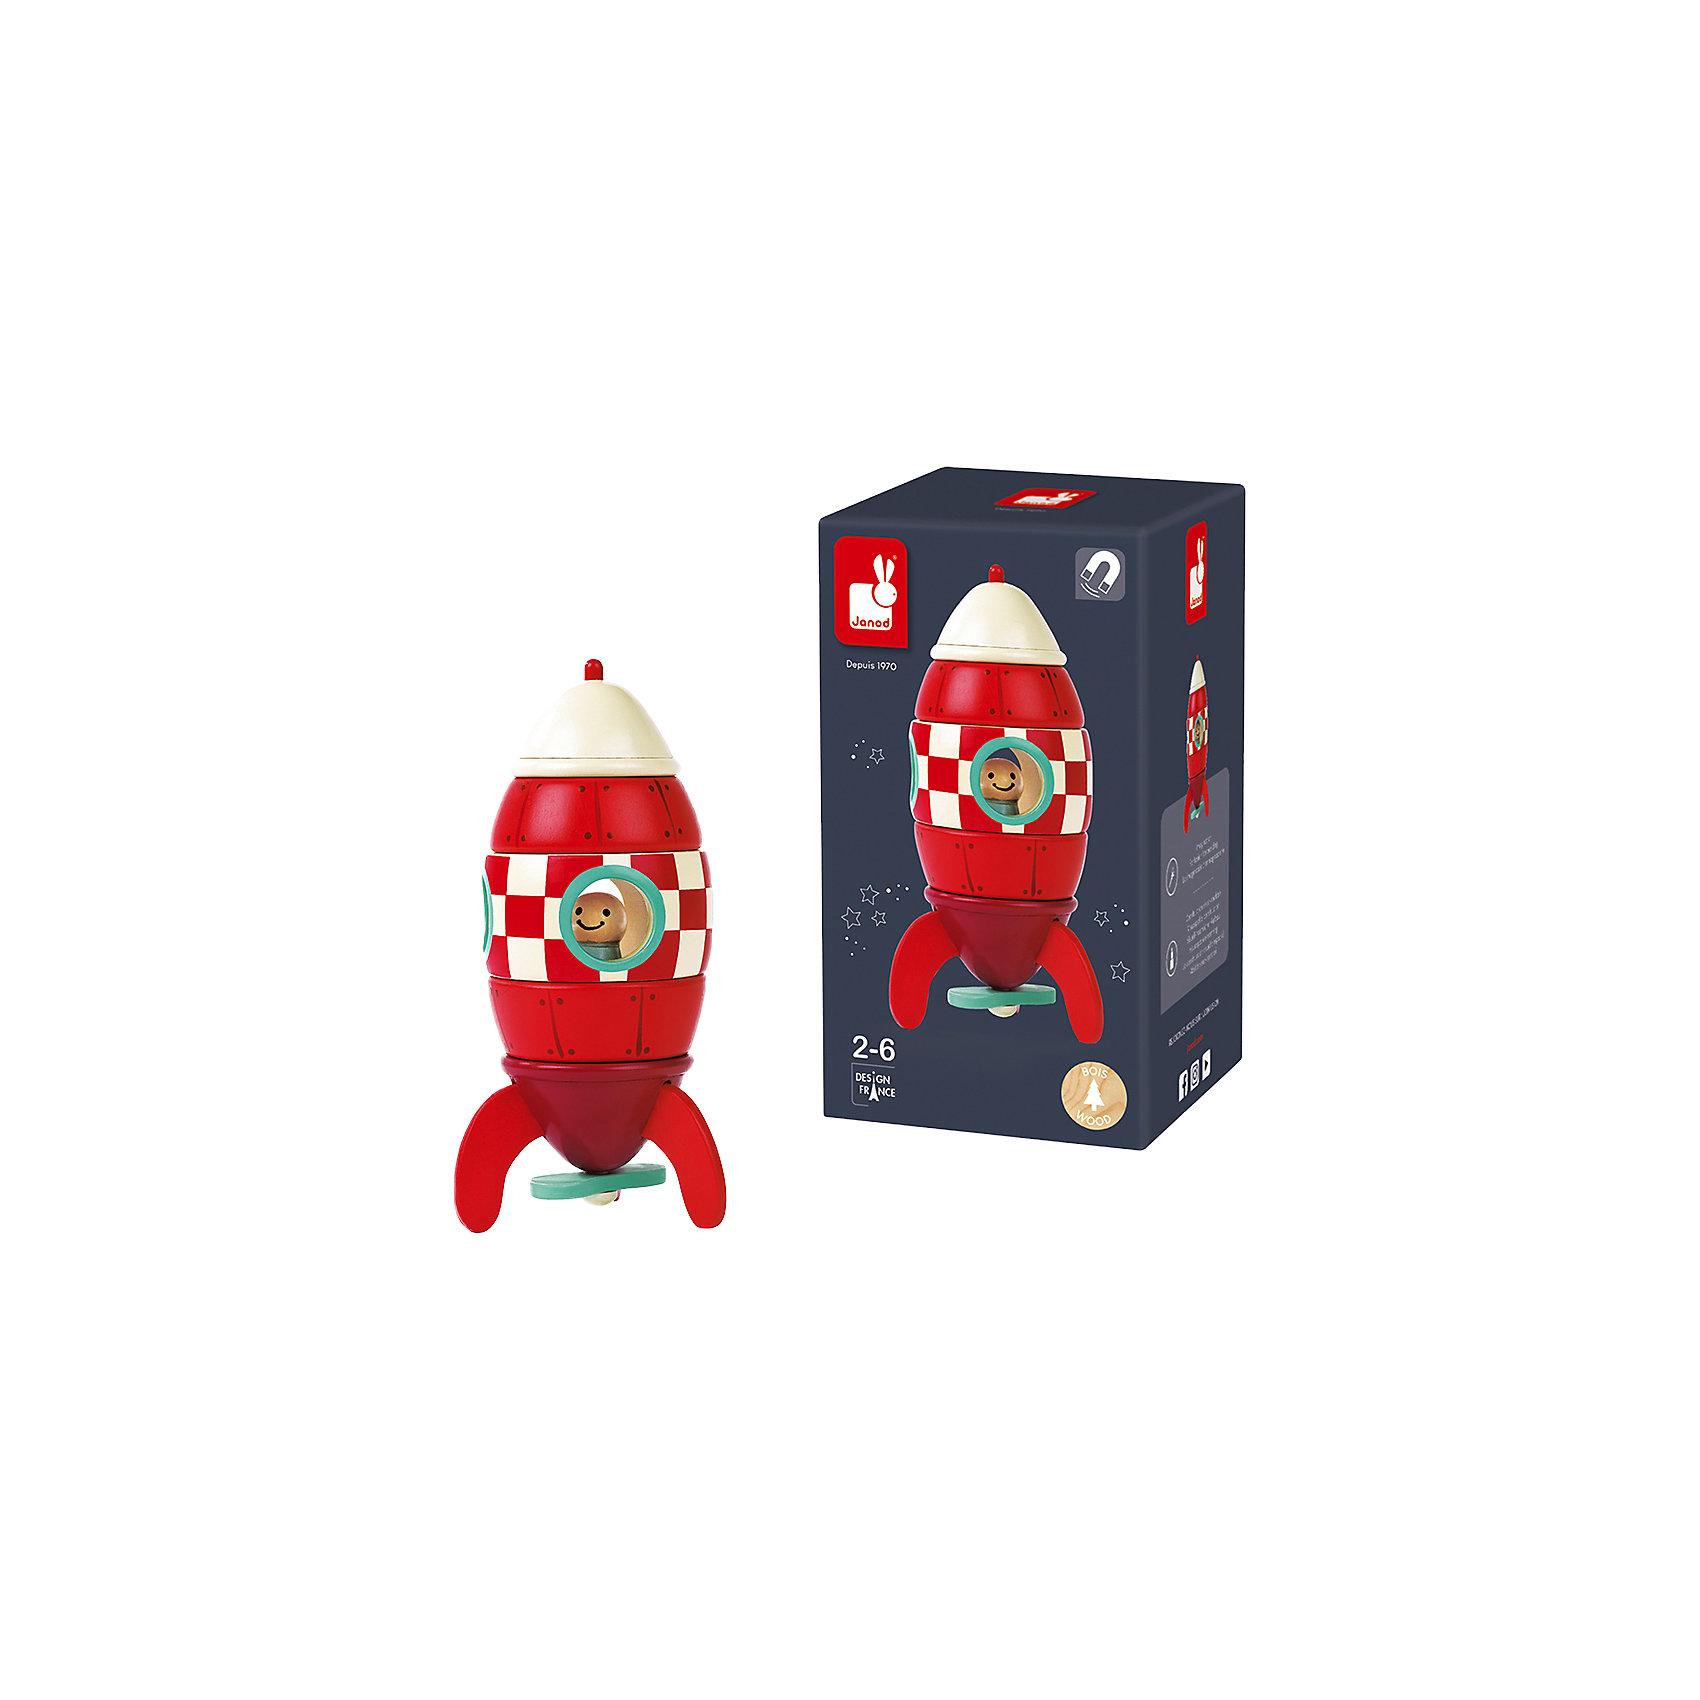 Конструктор магнитный Ракета, JanodМагнитные конструкторы<br>Игра с конструктором - любимое увлечение многих детей. Эта игра очень удобна - ее можно брать с собой в дорогу, благодаря продуманной форме хранится она очень компактно. Она развивает также мелкую моторику, внимание, творческие способности и цветовосприятие. Такая игра надолго занимает детей и помогает увлекательно провести время!<br>Набор состоит из 5 деревянных деталей, из которых собирается ракета. Игра разработана опытными специалистами, сделана из высококачественных материалов, безопасных для детей.<br><br>Дополнительная информация:<br><br>материал: дерево;<br>высота: 16,5 см;<br>в комплекте:5 деталей.<br><br>Конструктор магнитный Ракета от компании  Janod можно купить в нашем магазине.<br><br>Ширина мм: 13<br>Глубина мм: 13<br>Высота мм: 14<br>Вес г: 300<br>Возраст от месяцев: 24<br>Возраст до месяцев: 2147483647<br>Пол: Унисекс<br>Возраст: Детский<br>SKU: 4871765